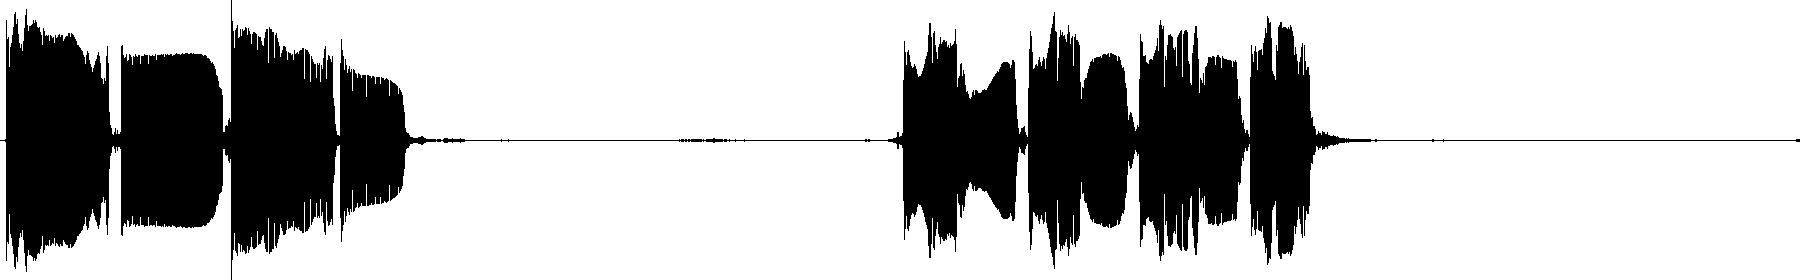 guitarfunk04 100